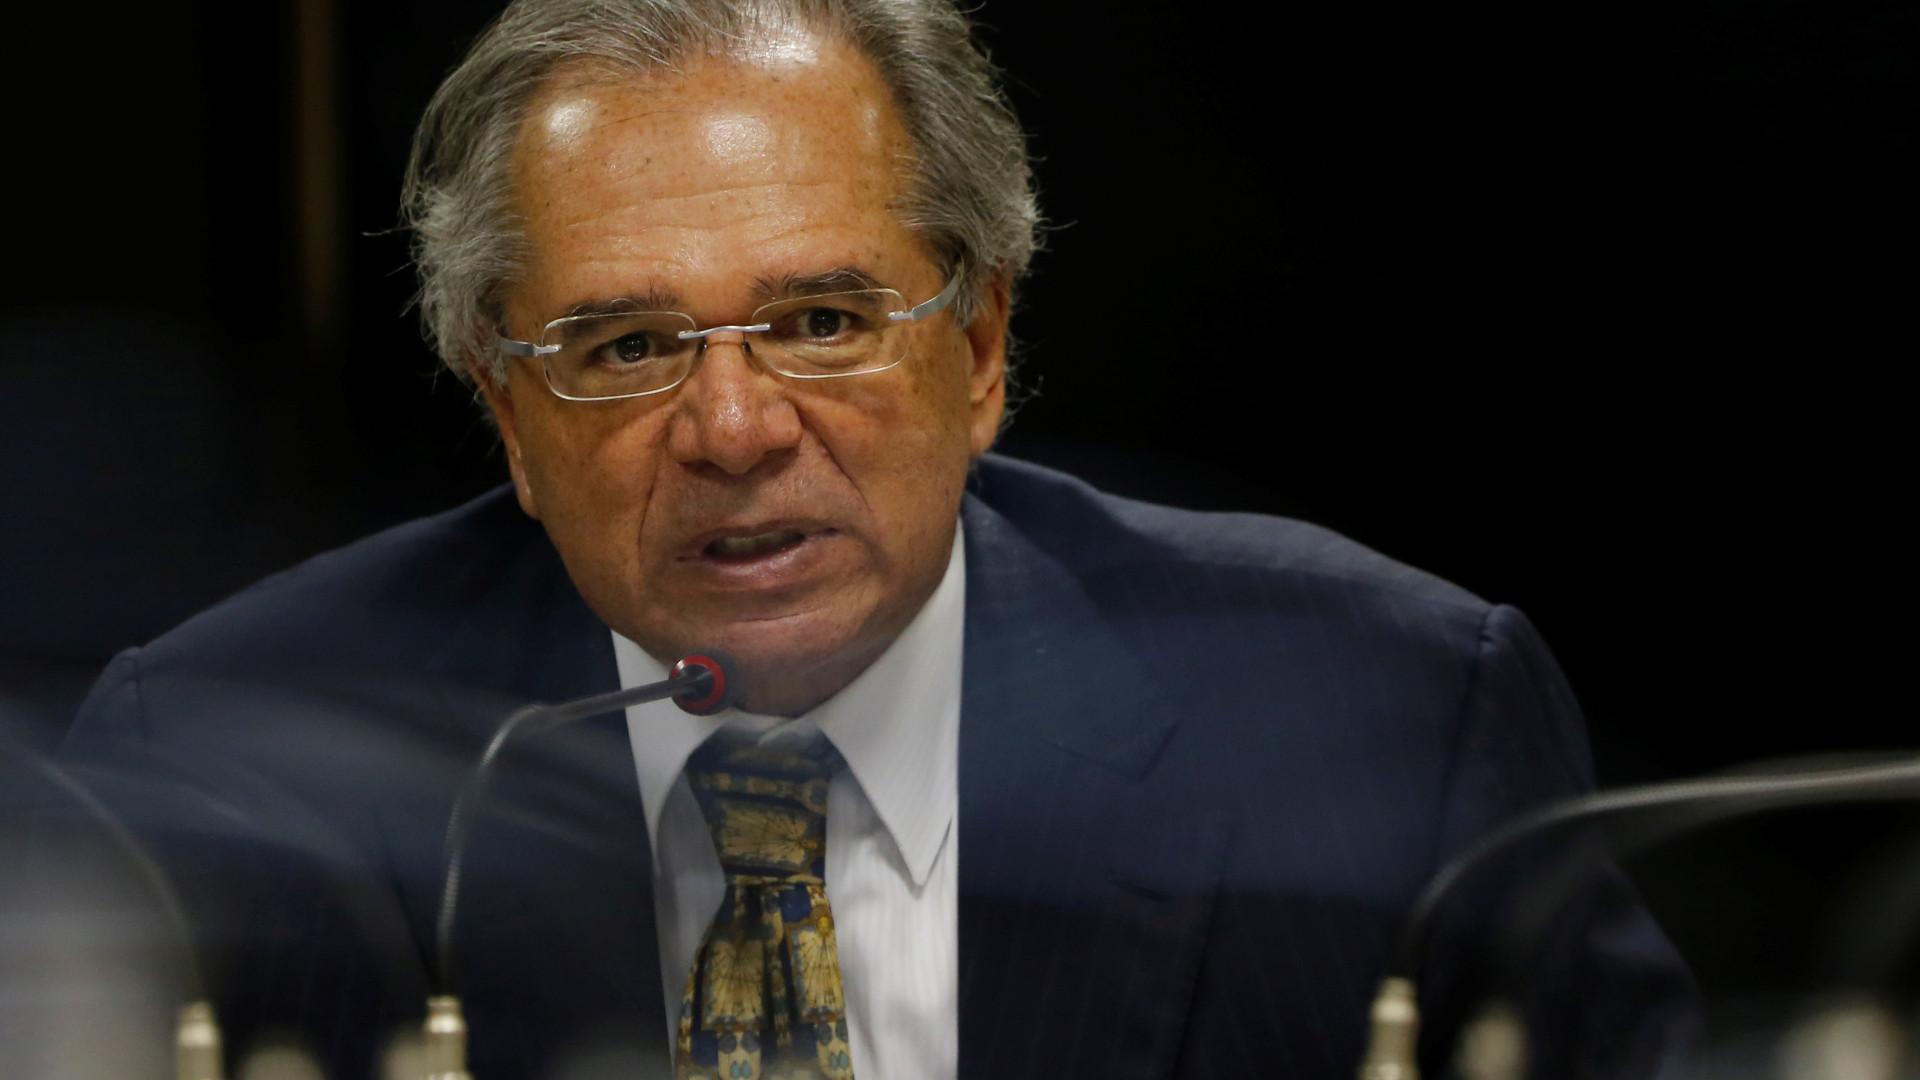 Crítica de Guedes a Congresso tumultua votação da reforma